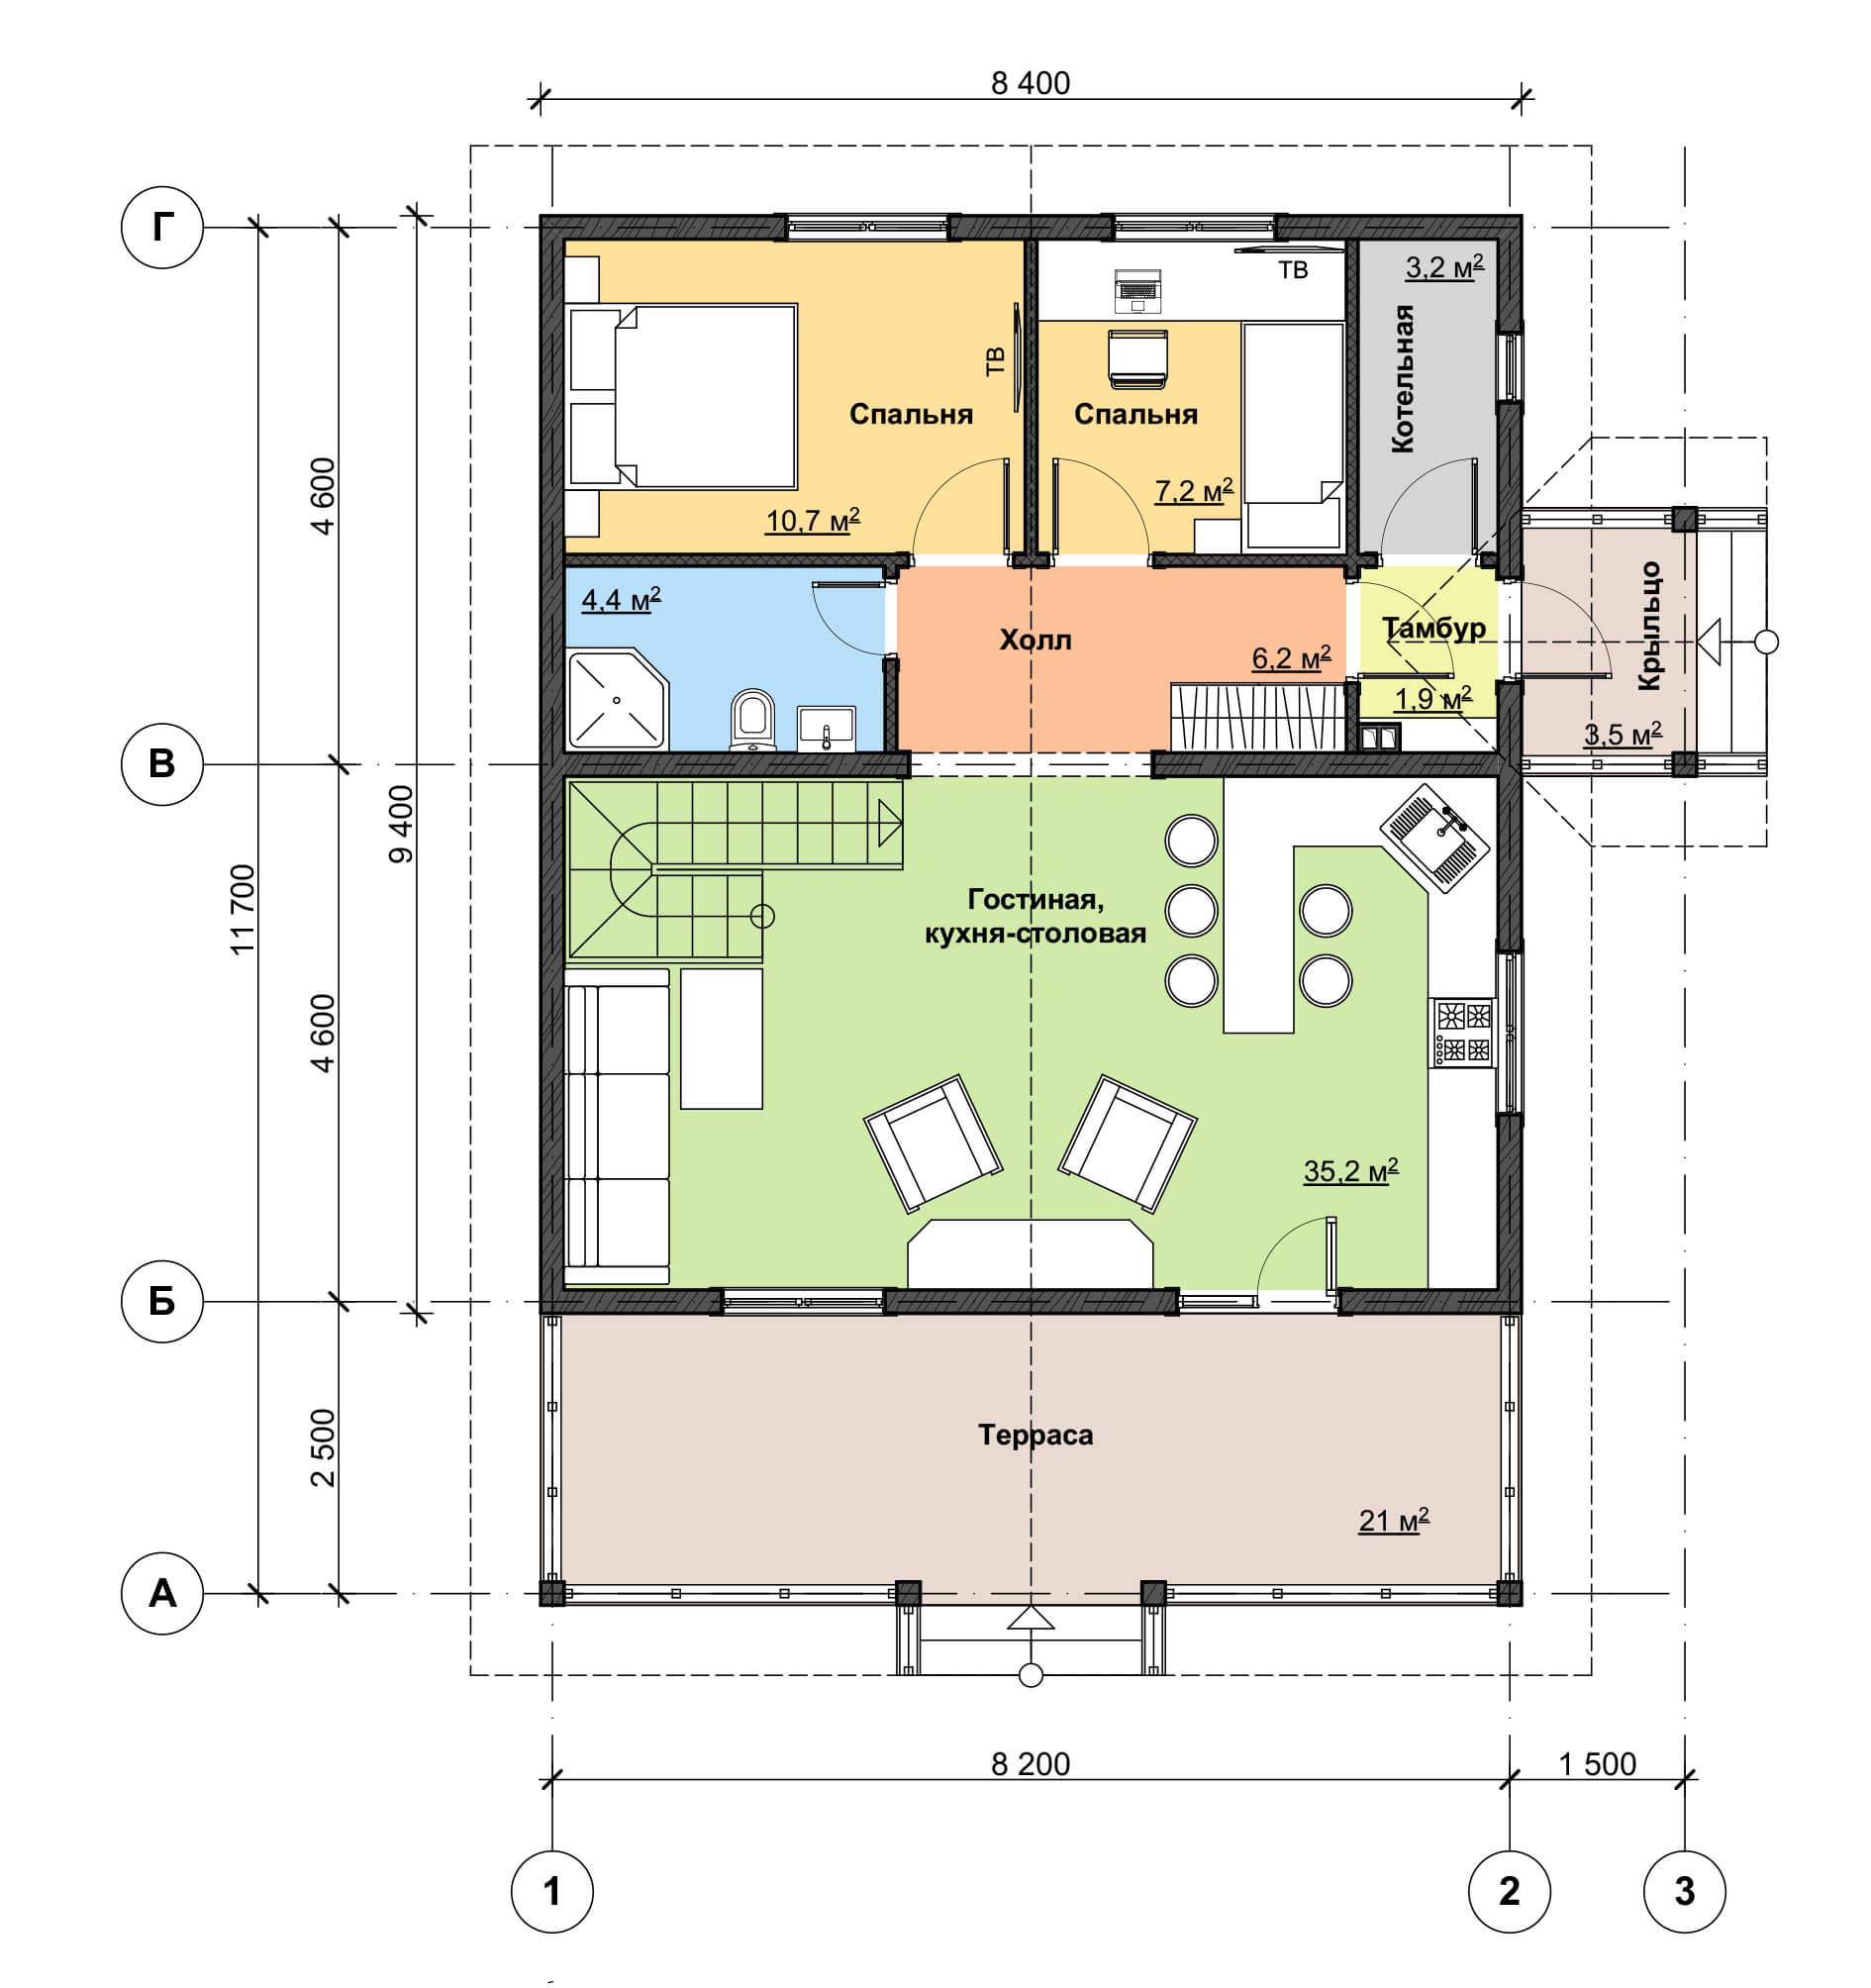 Схема первого этажа дома с террасой